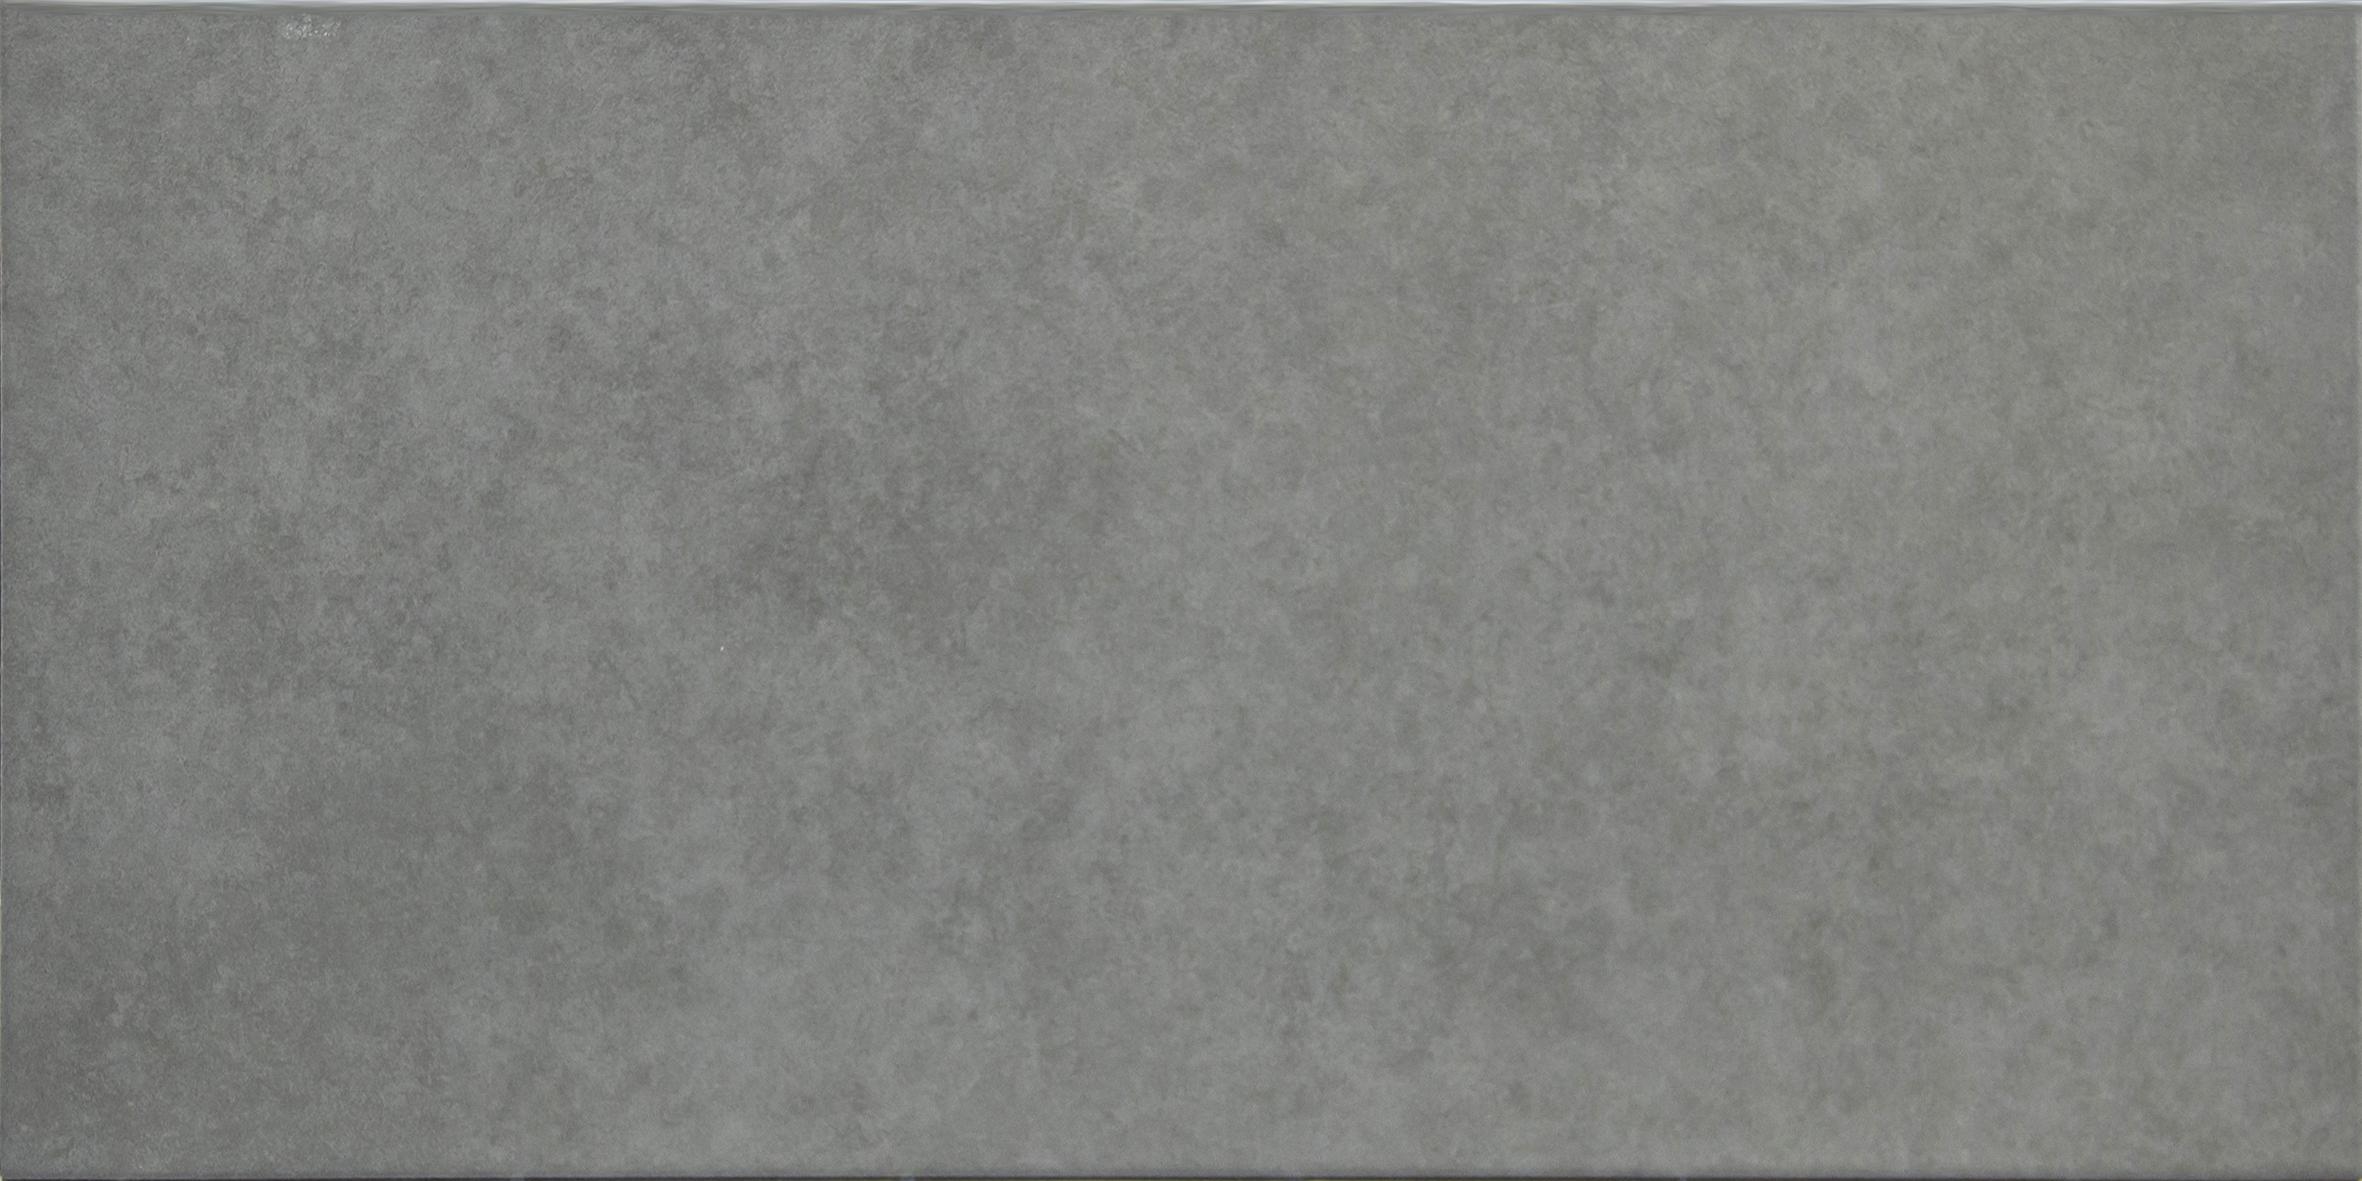 8660-03, Geo, Harmaa, lattia,liukastumisenesto,pakkasenkesto